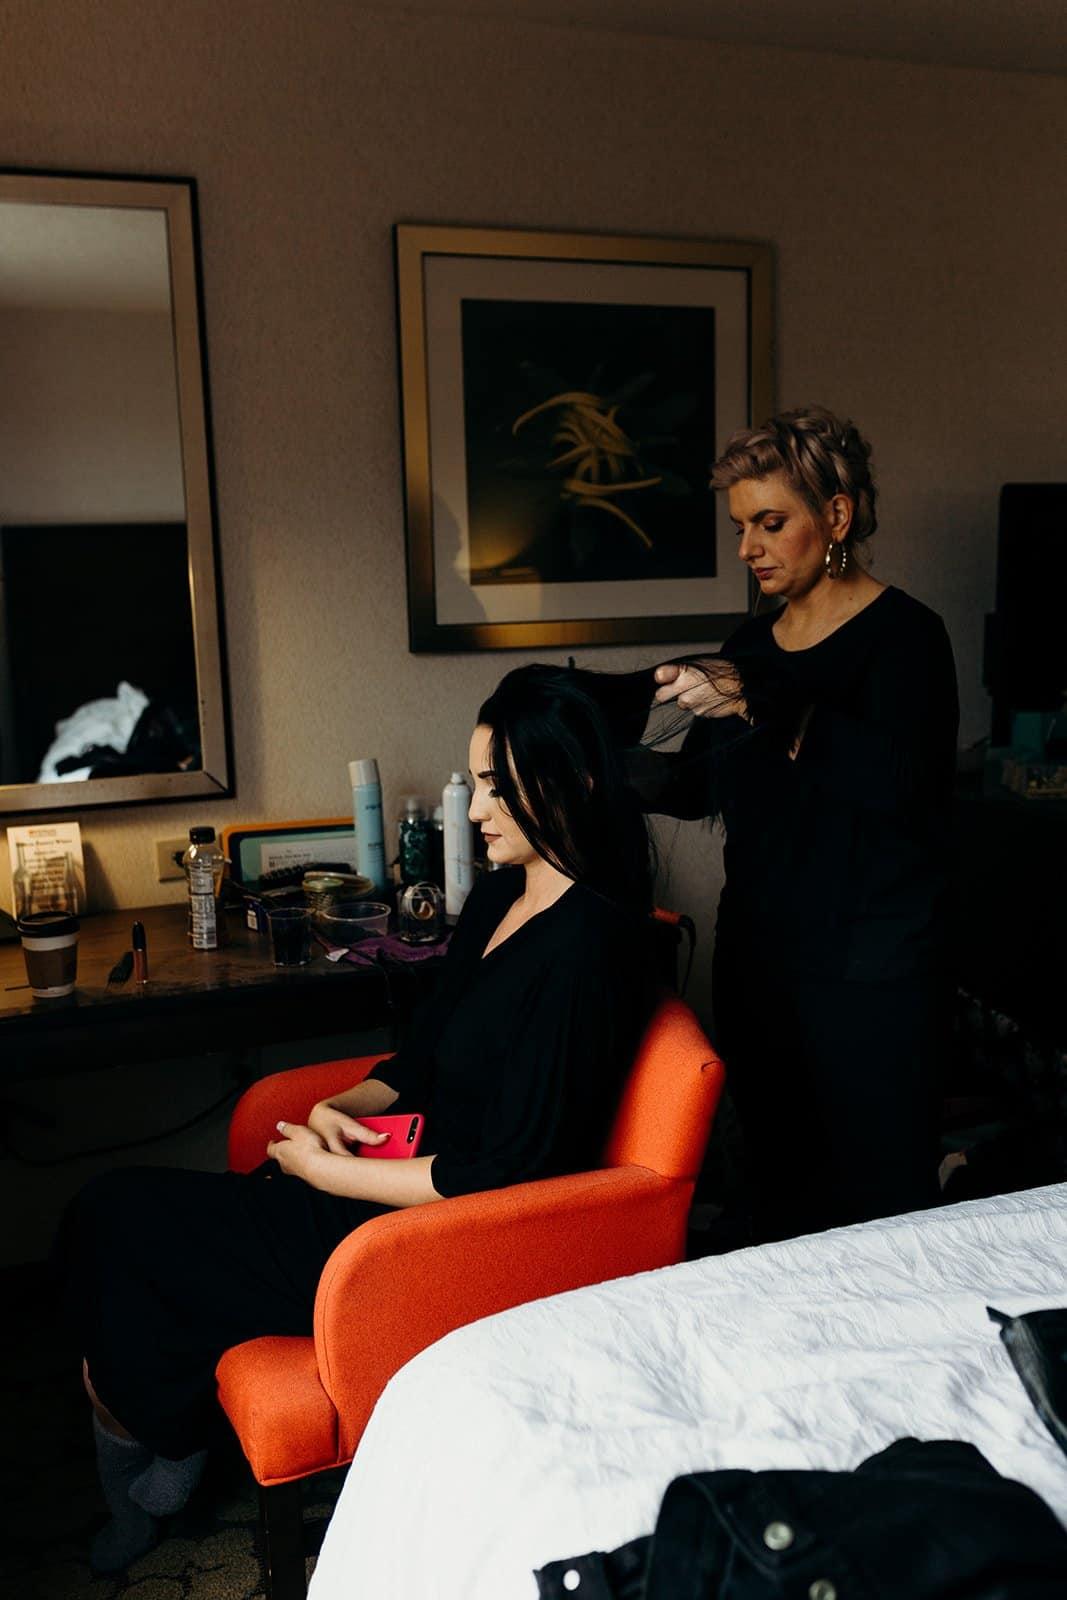 hair stylist working on brides hair